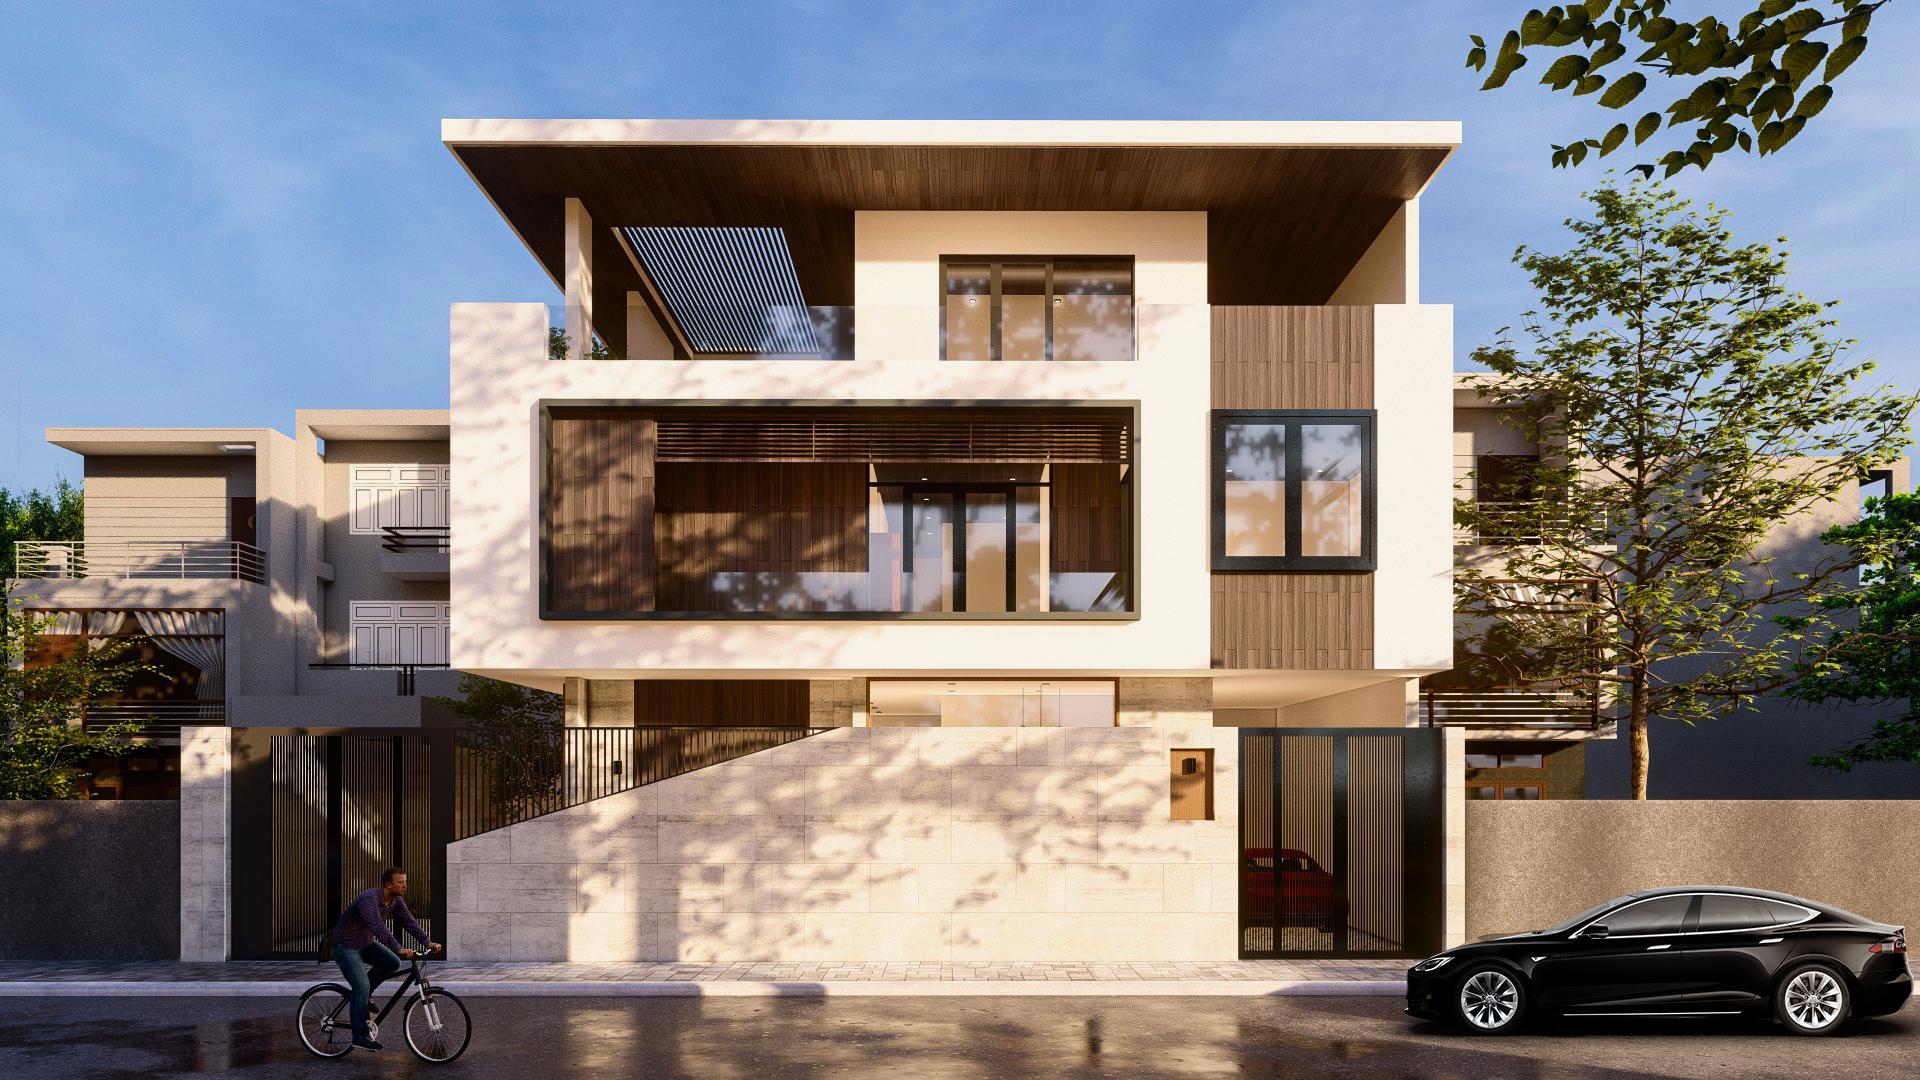 Dịch vụ tư vấn thiết kế kiến trúc nội thất - Thước Tầm Group